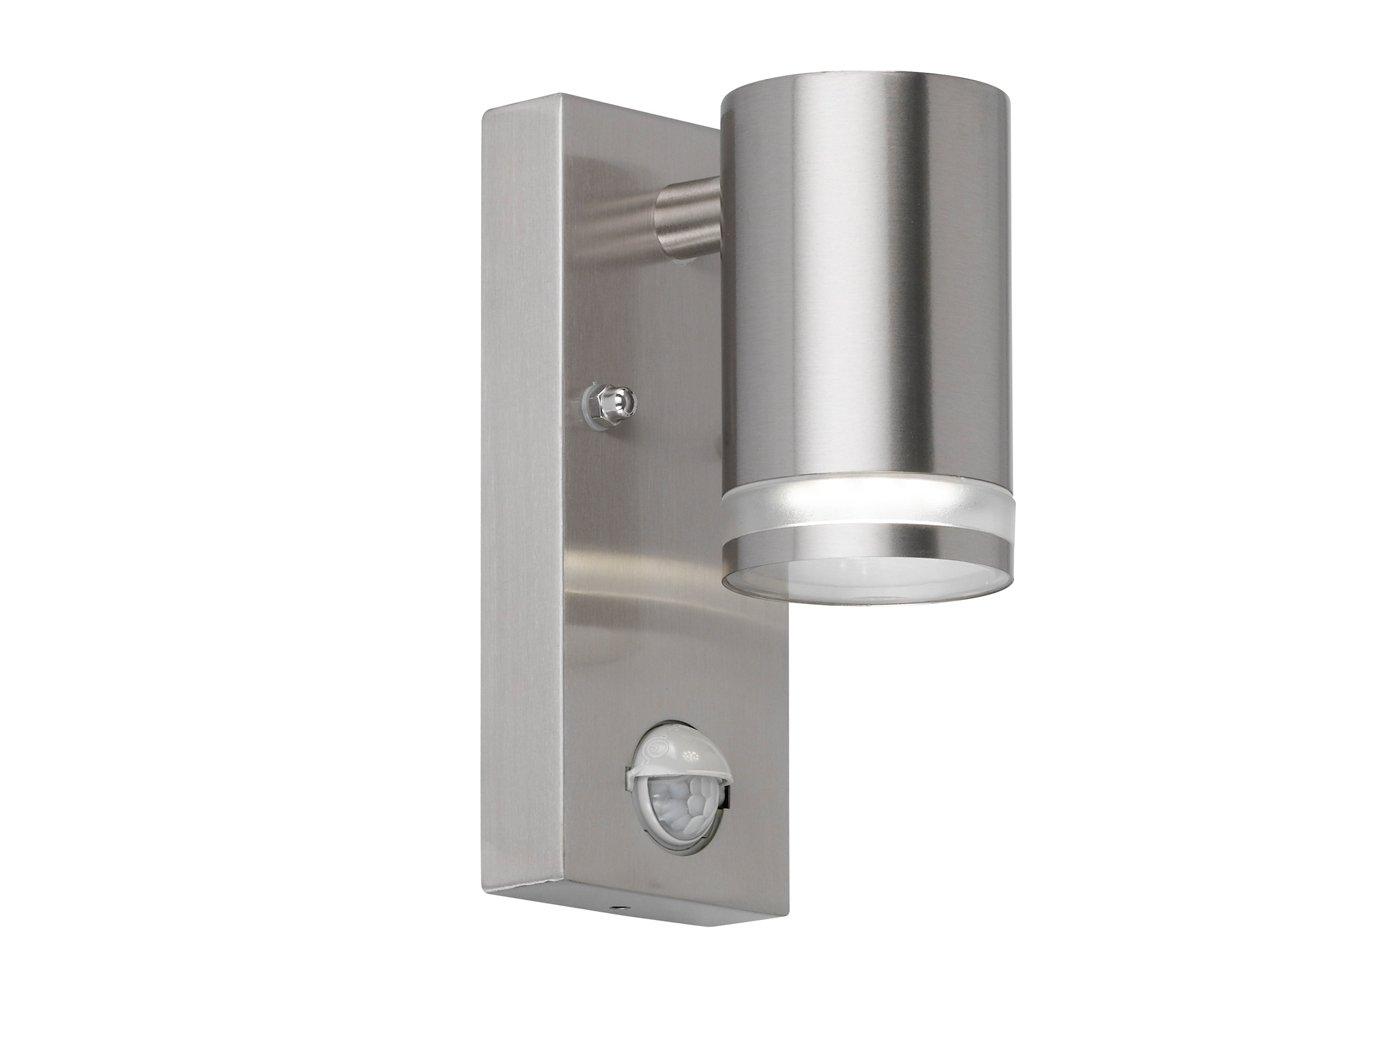 Applique da parete Gen Tara con sensore di movimento e LED lampadina, in acciaio inox spazzolato, IP44, illuminazione di facciate, Downlight